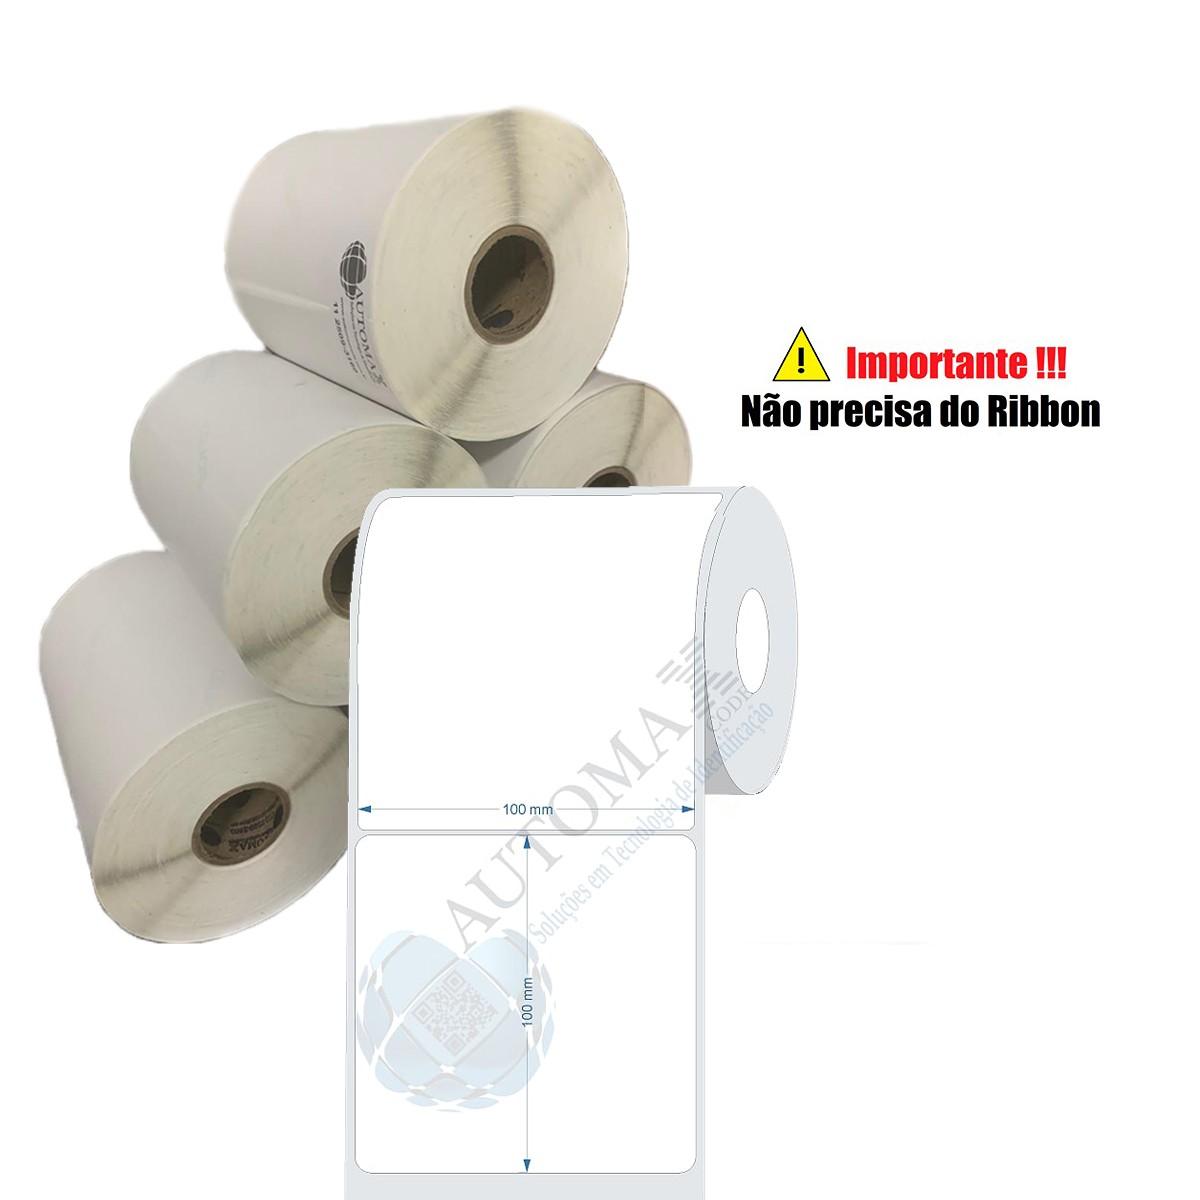 10 Rolos de Etiqueta Térmica 10x10cm| 100mmX100mm